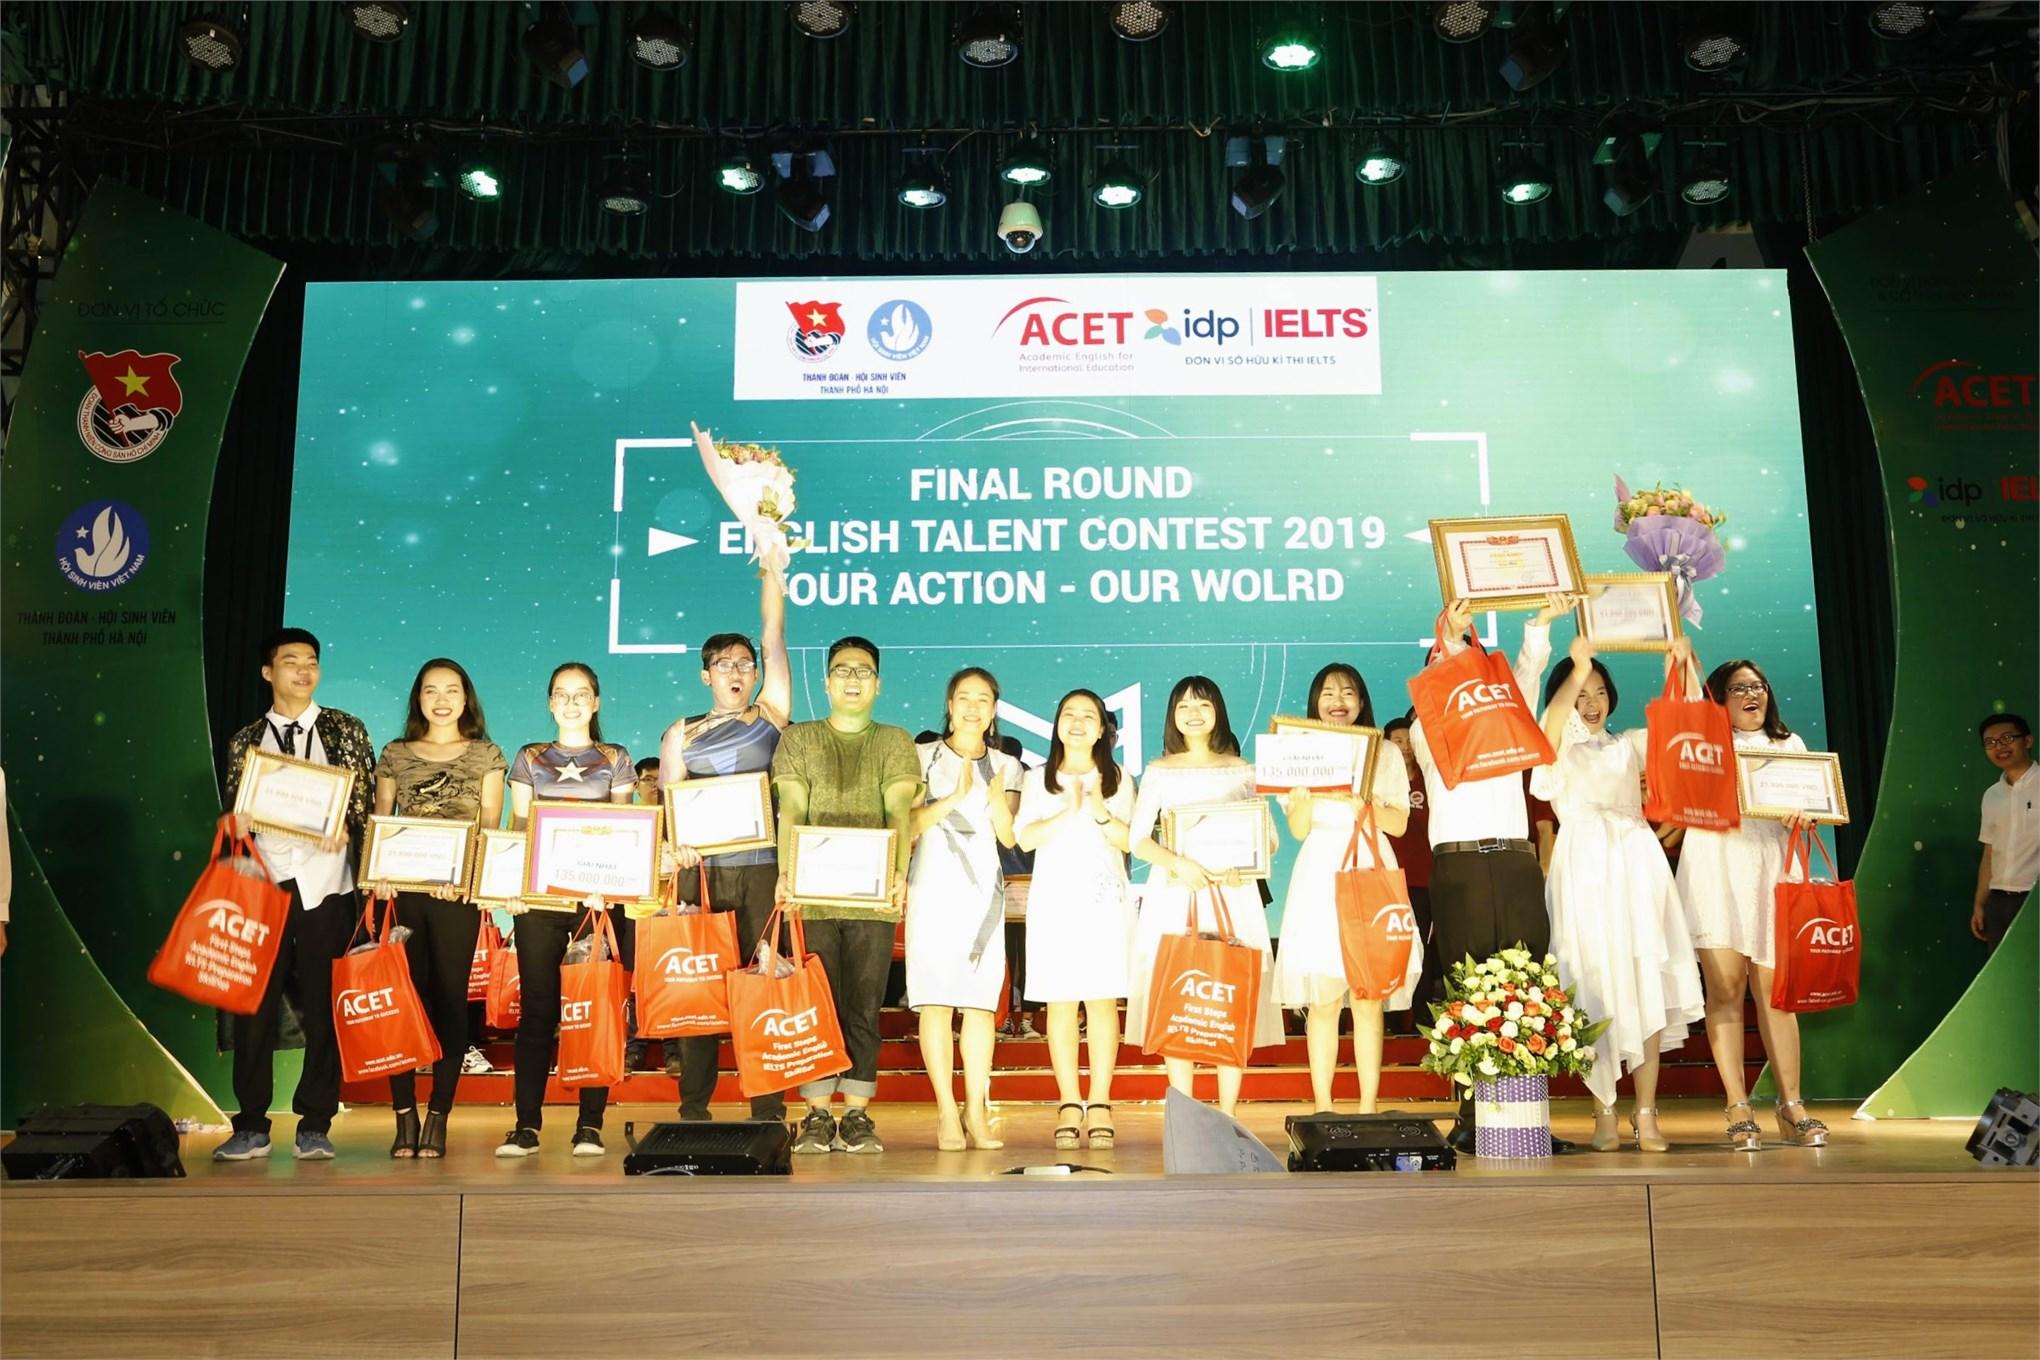 Ban tổ chức trao giải nhì cho Học viện Tài chính (bên trái) đối với khối trường Đại học/ Cao đẳng và THPT Thường Tín (bên phải) đối với khối THPT